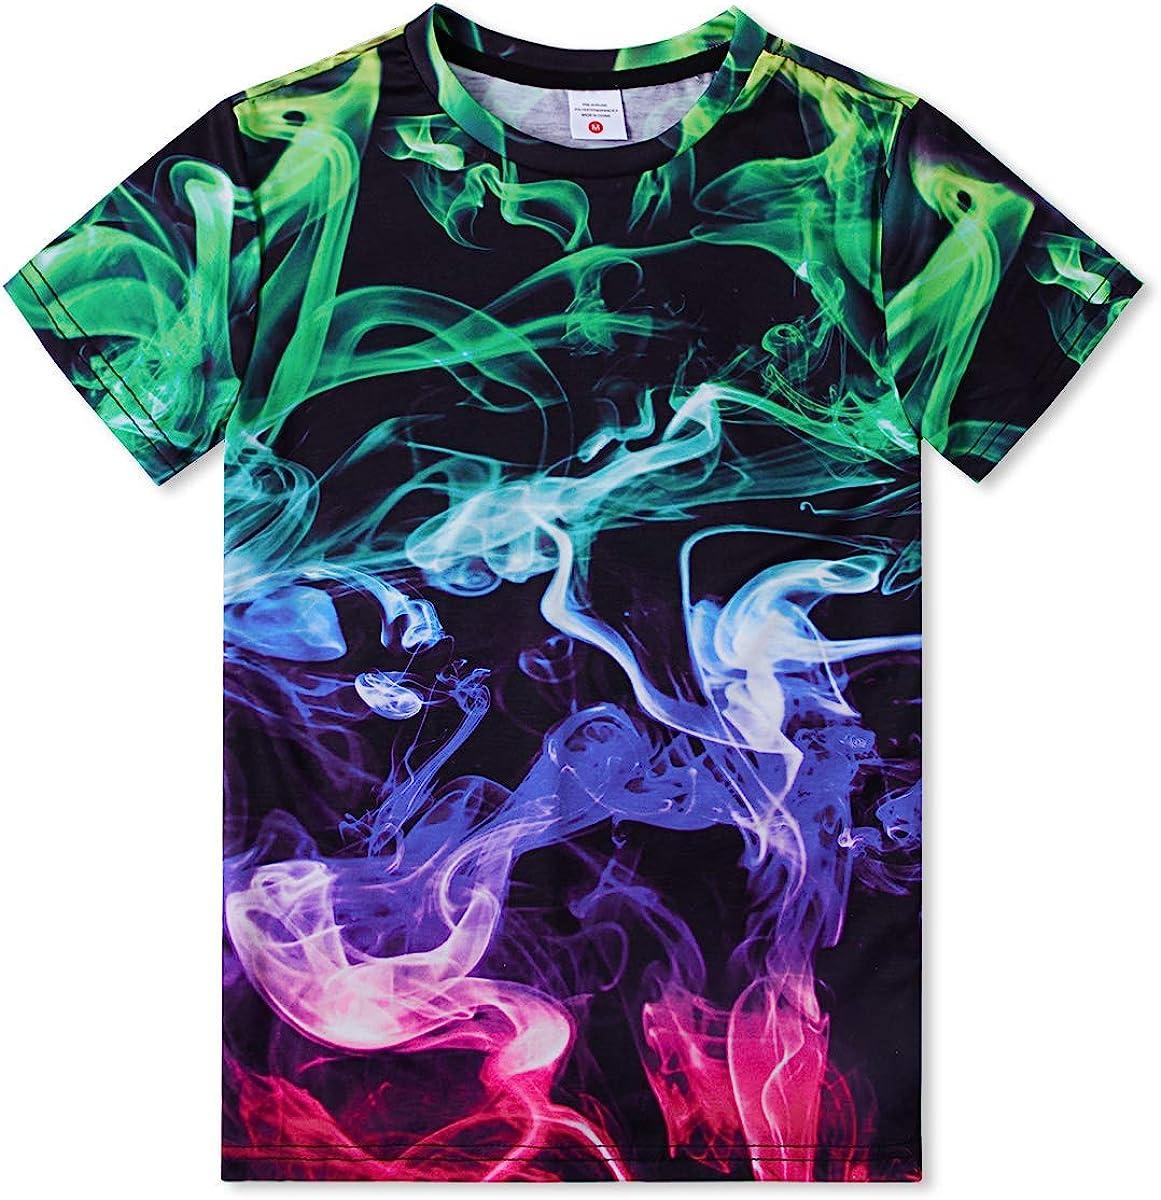 estiva a maniche corte unisex casual Funnycokid T-shirt da ragazzo con stampa 3D